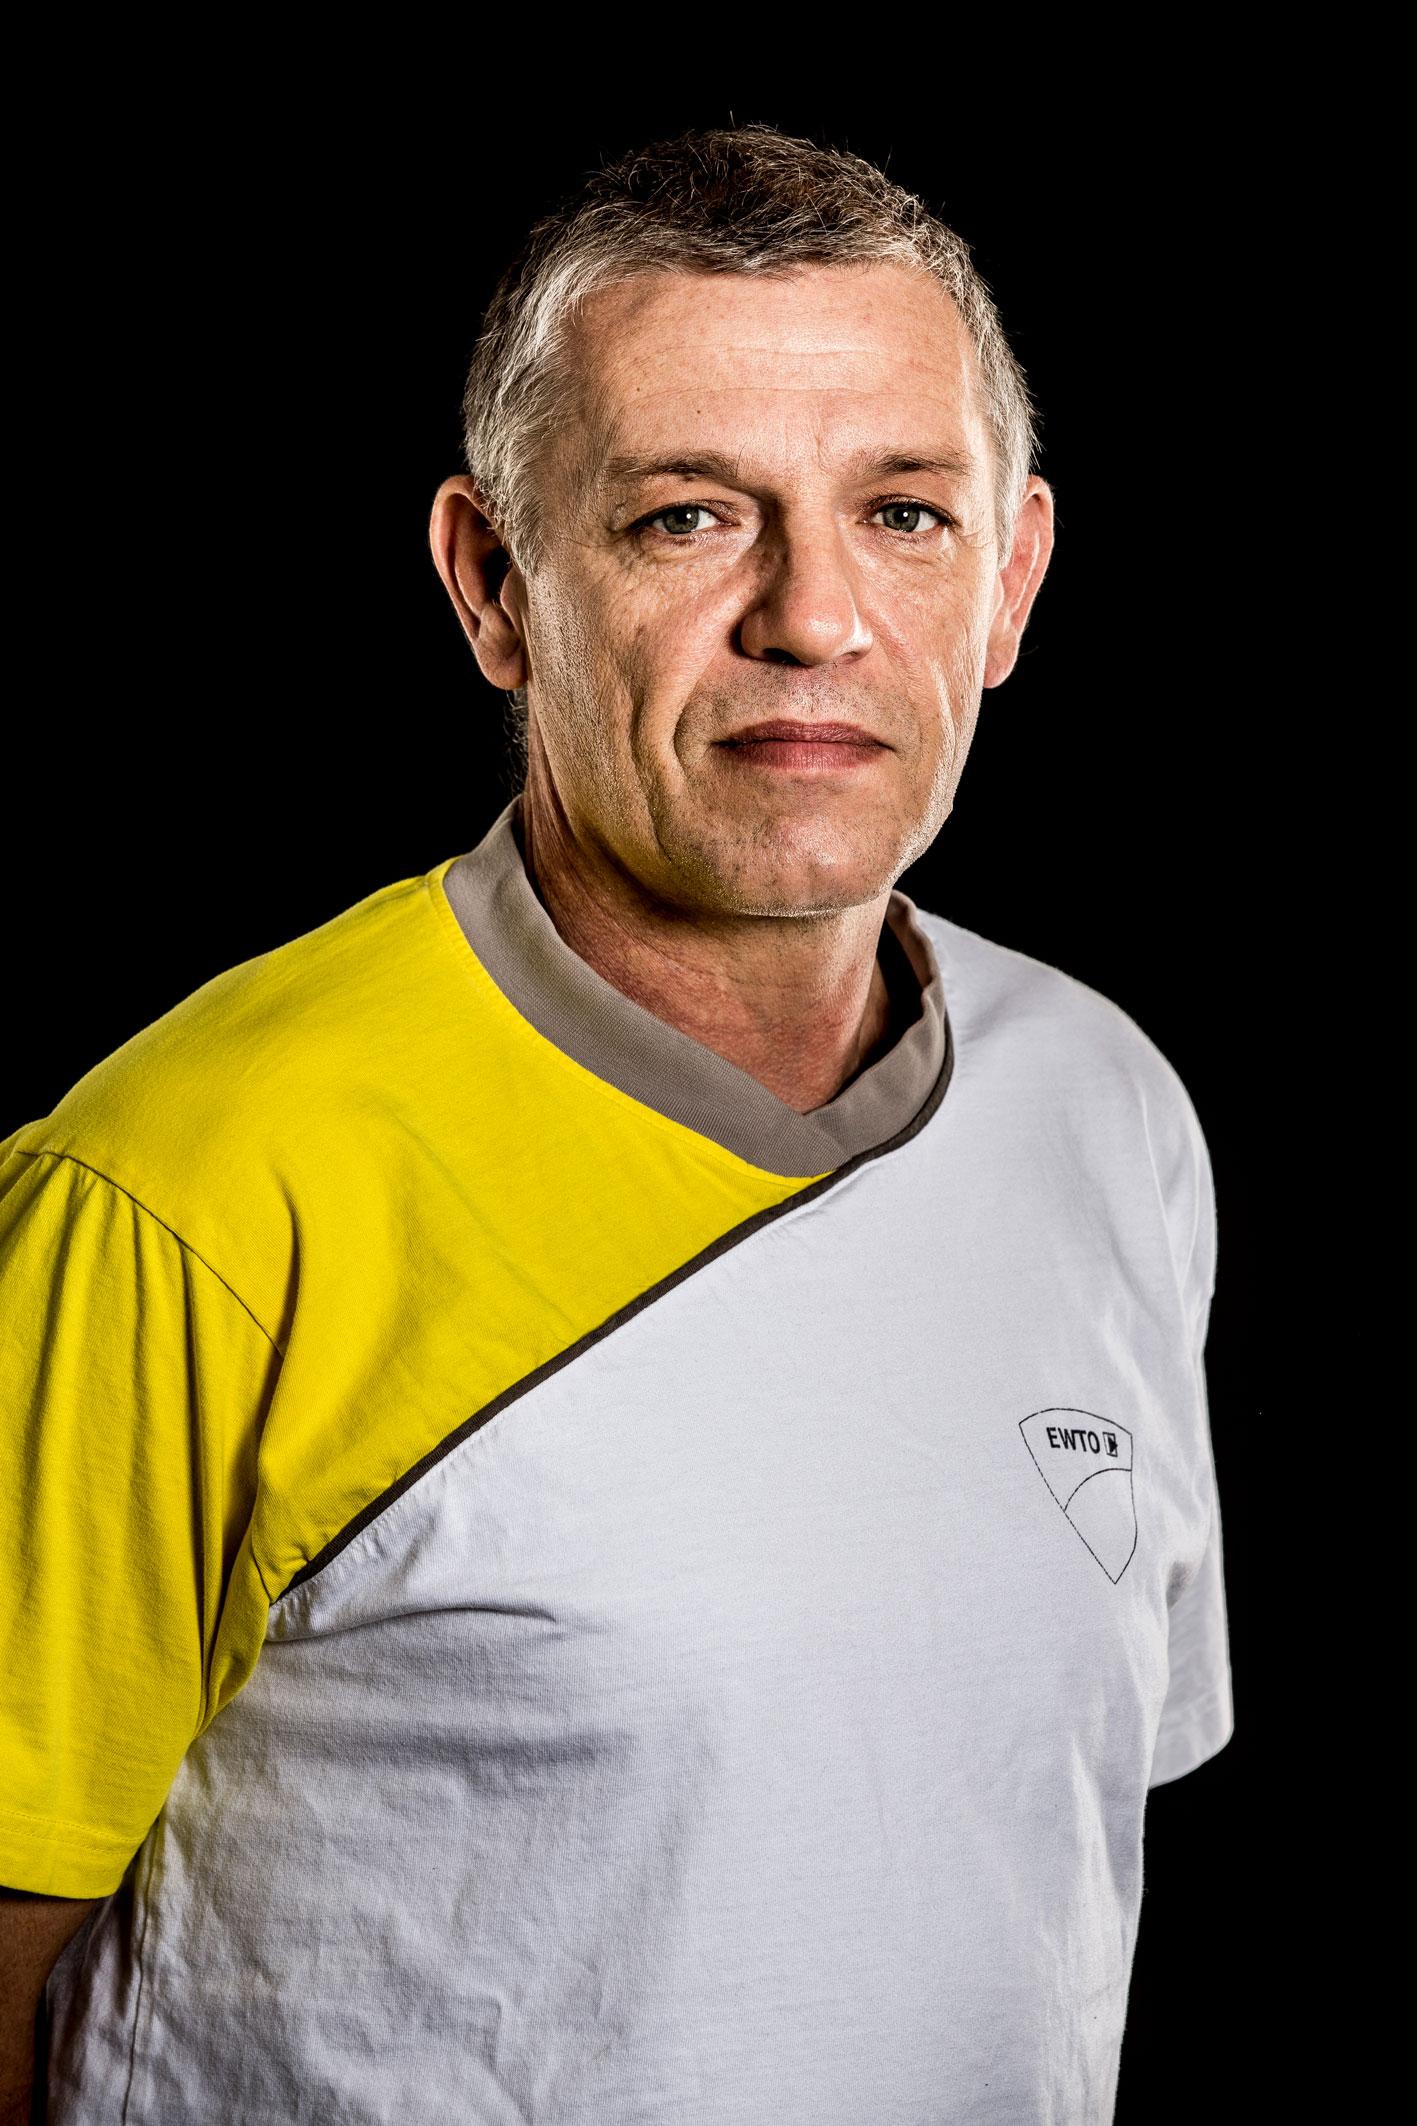 GM Thomas Schrön Bachelor in Martial Arts (Uni Derby GB) 9. Großmeistergrad WingTsun 3. Lehrergrad Escrima Ausbilder an der Trainerakademie Heidelberg, Landestrainer Schweden